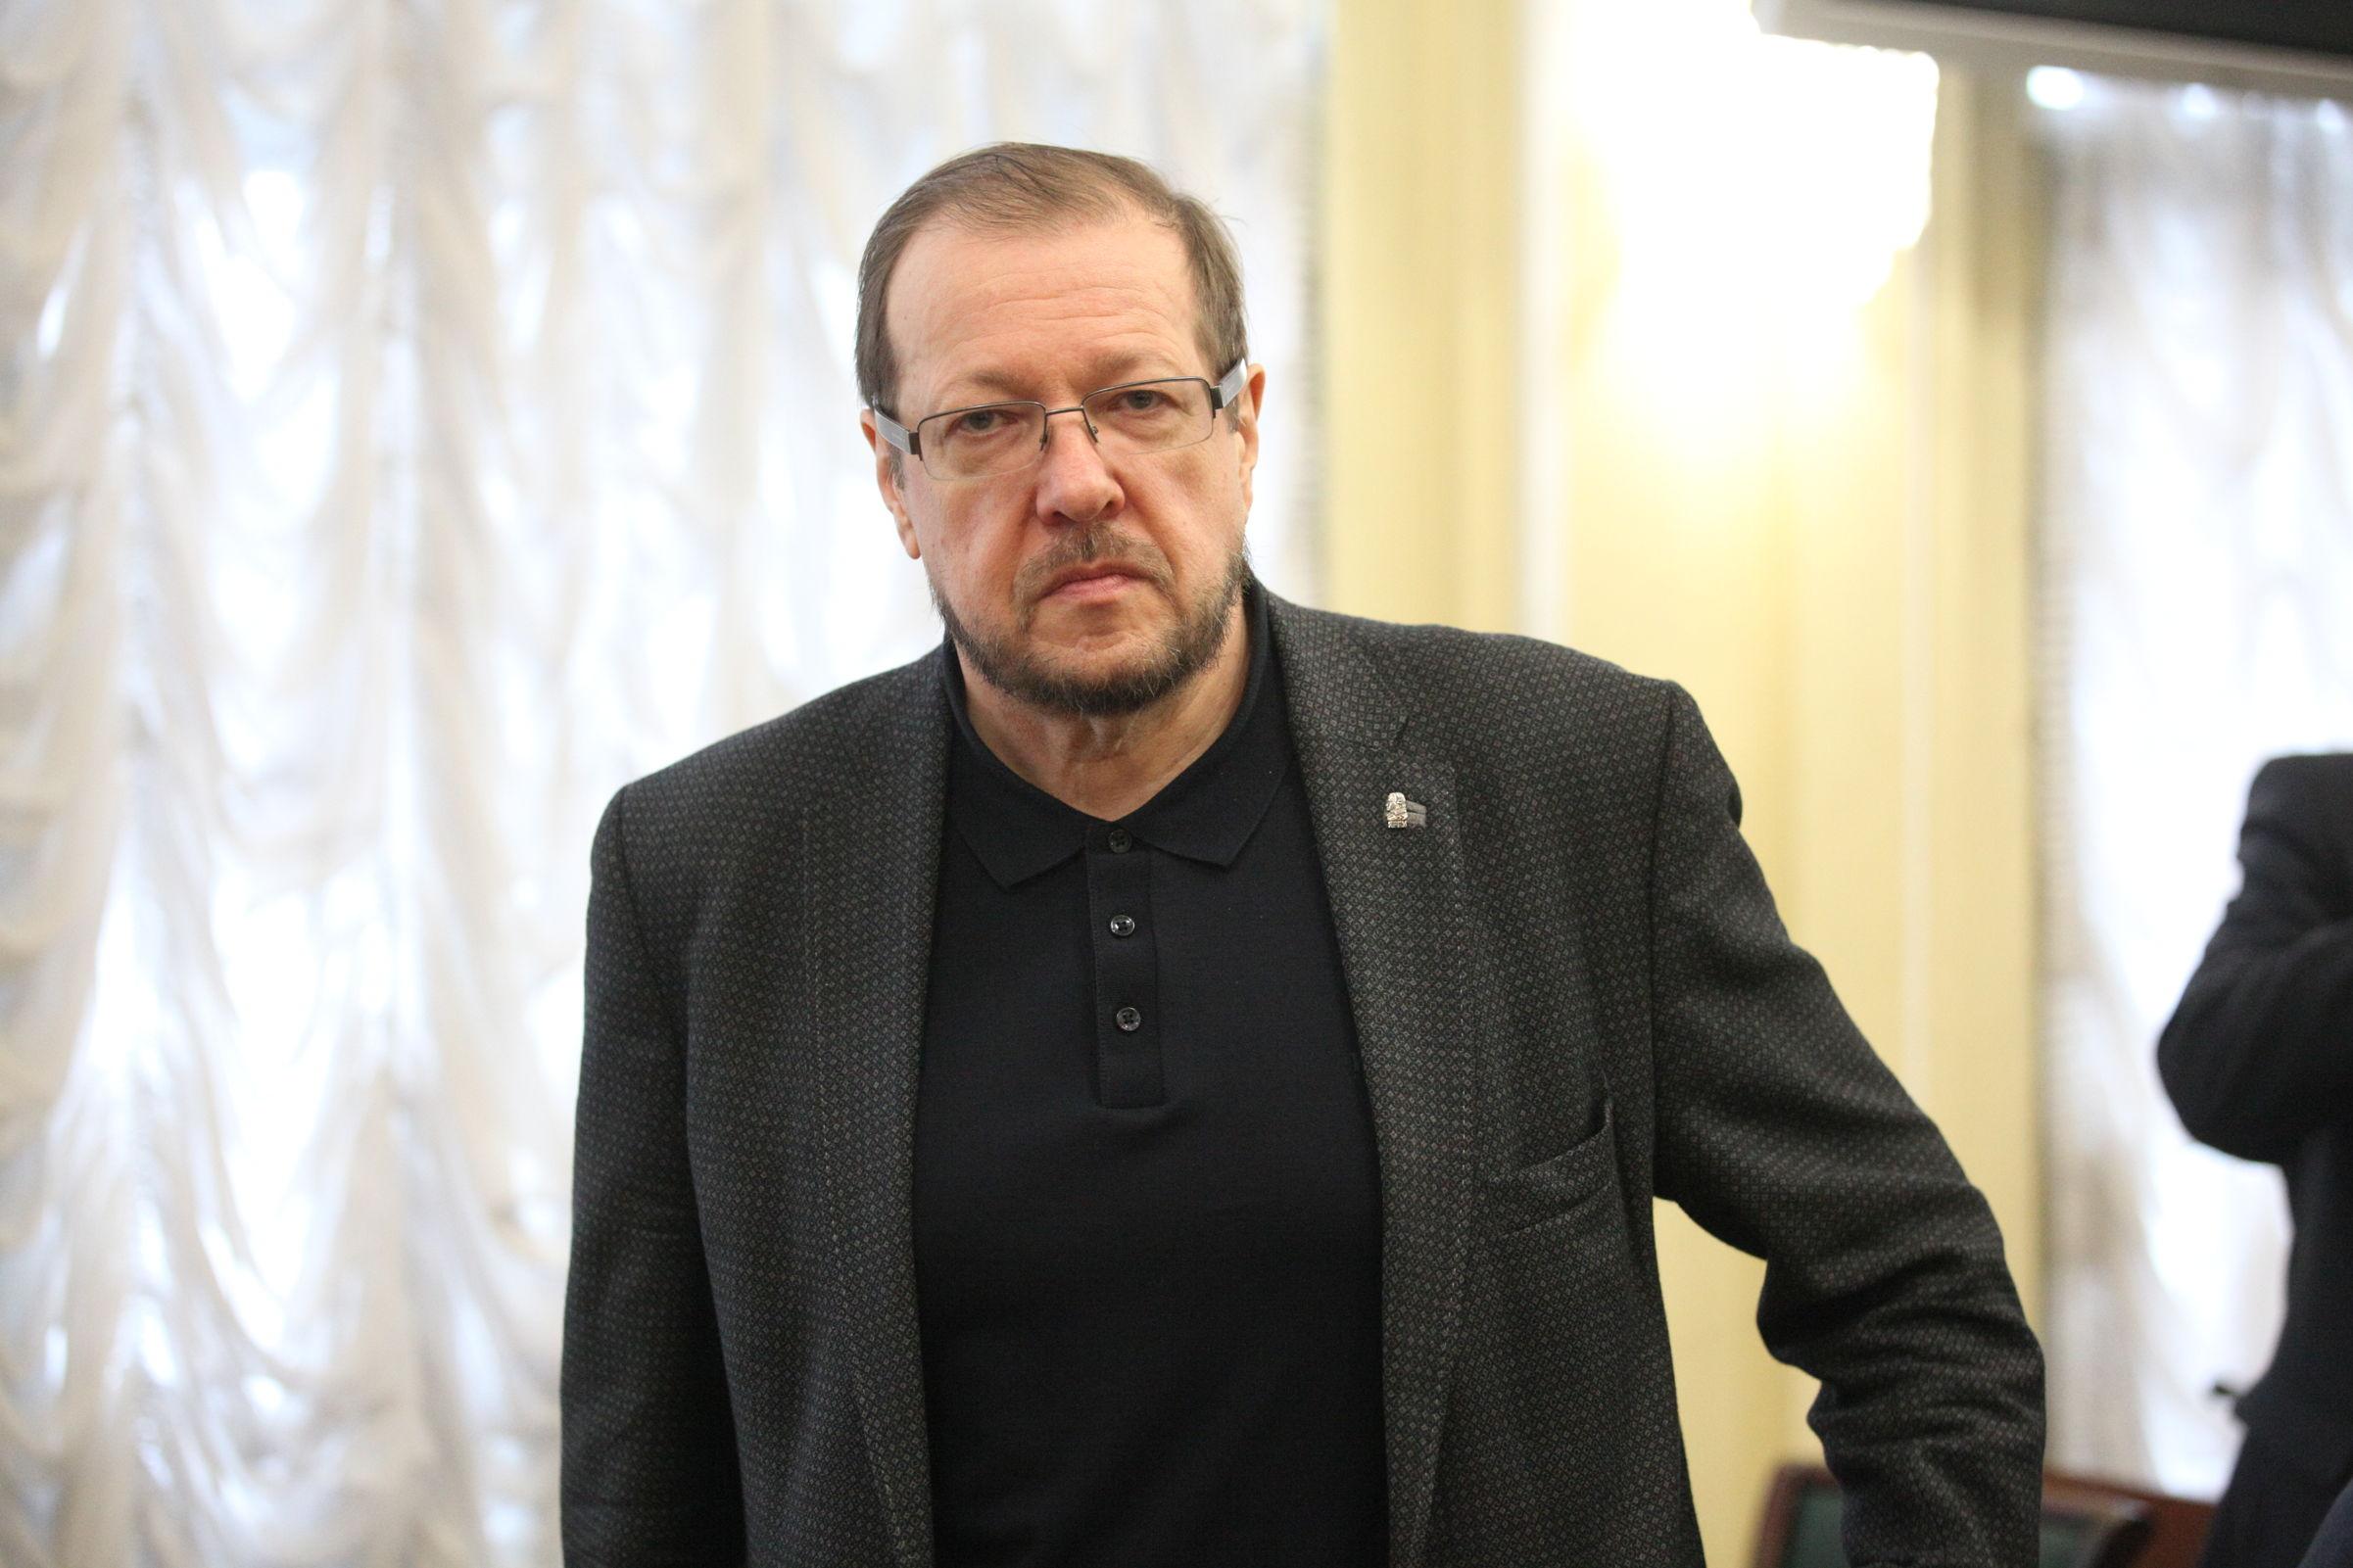 Александр Русаков: без подготовки кадров для высшей школы мы можем столкнуться с катастрофической ситуацией